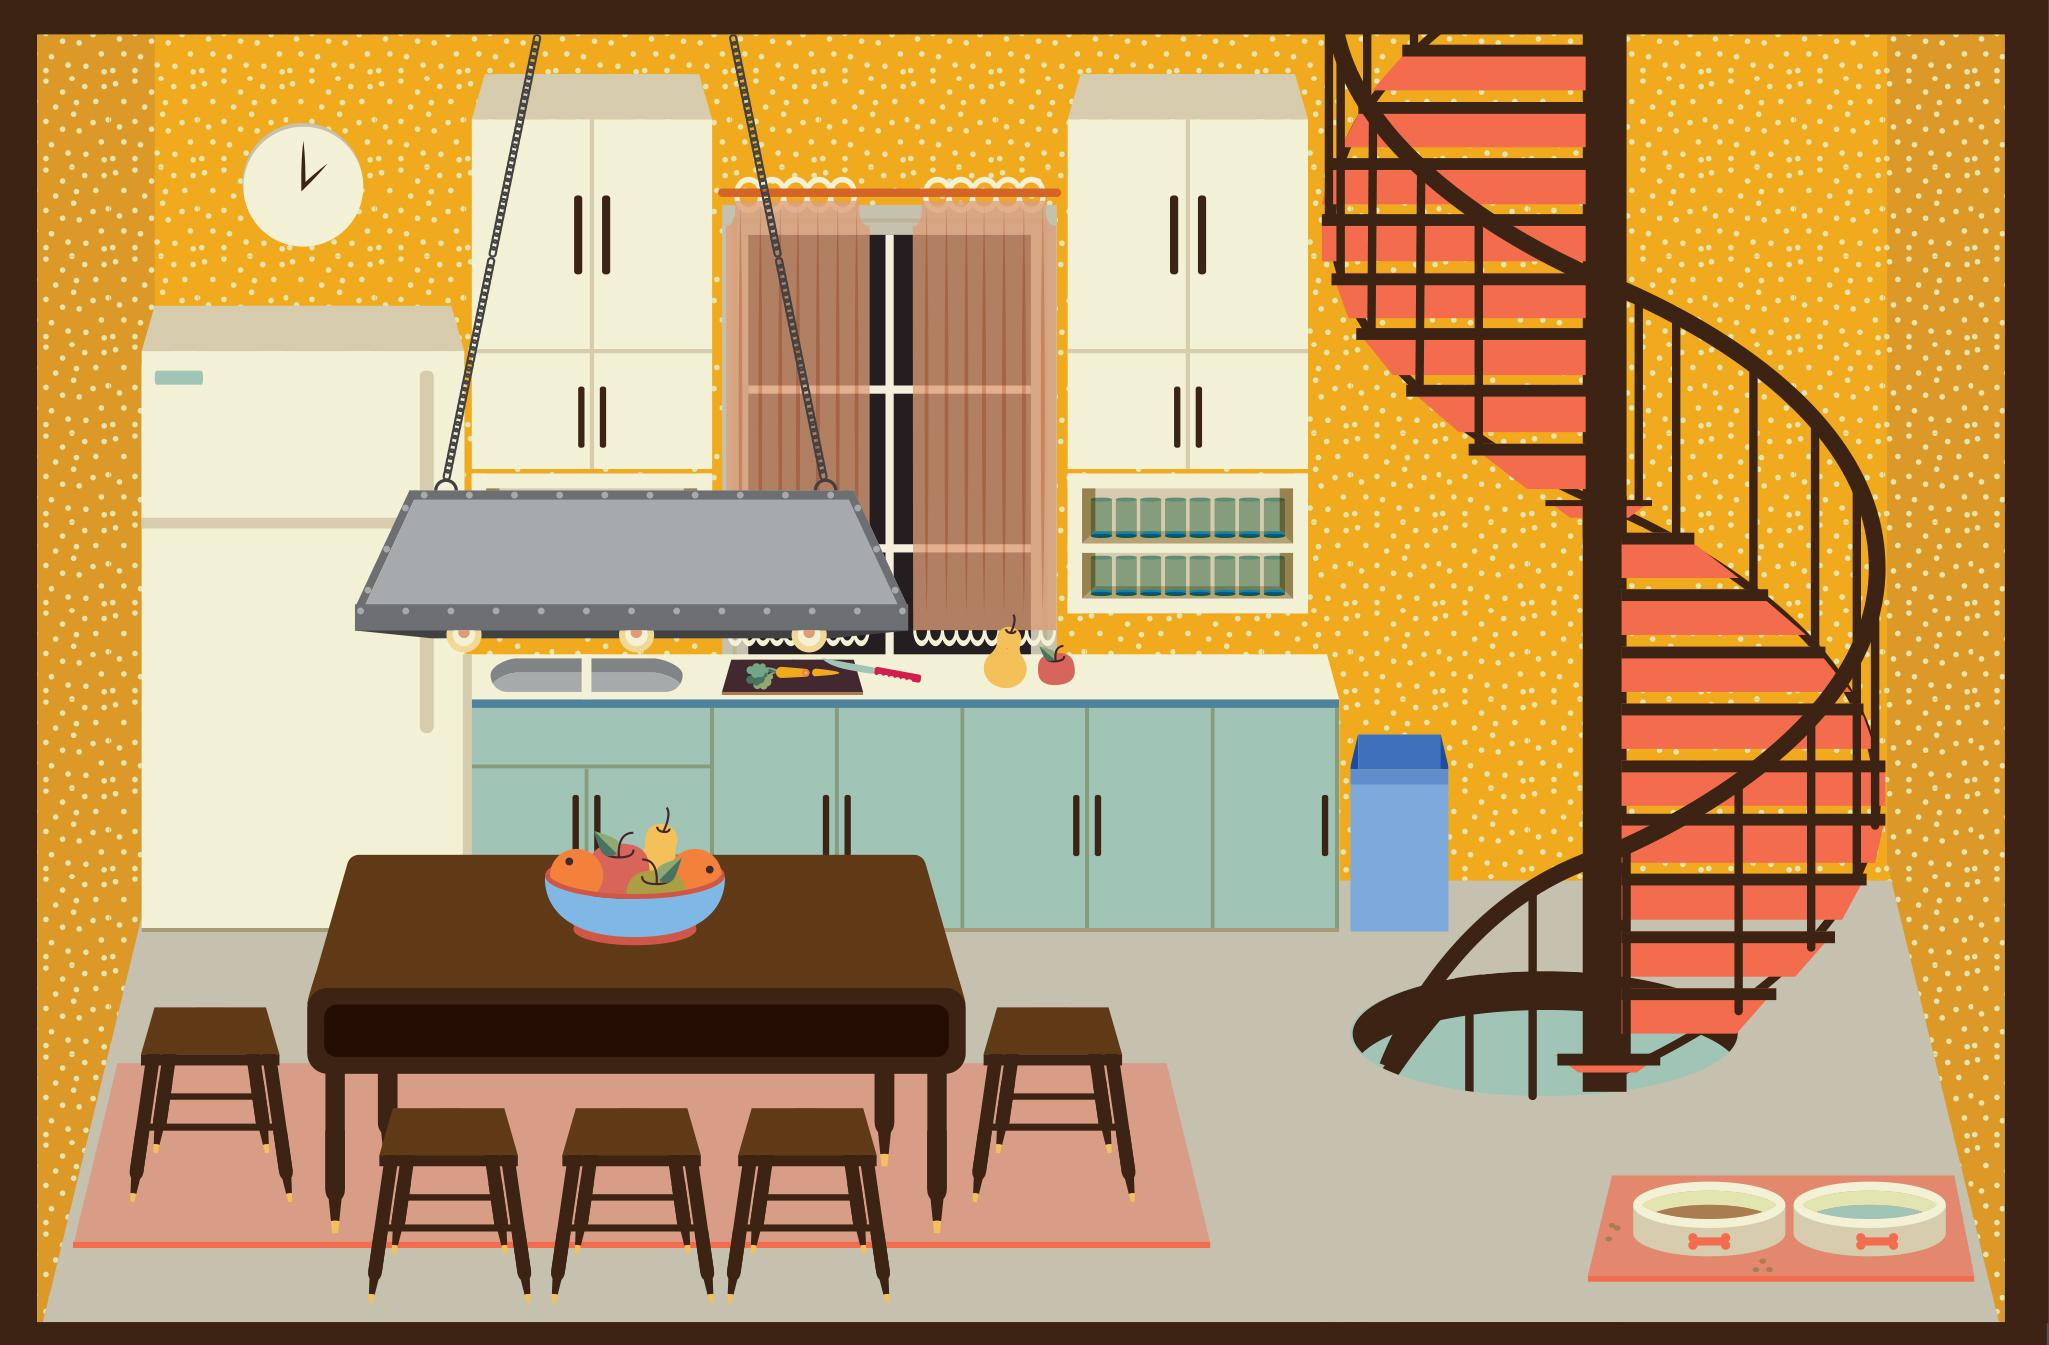 interior.kitchen.jpg